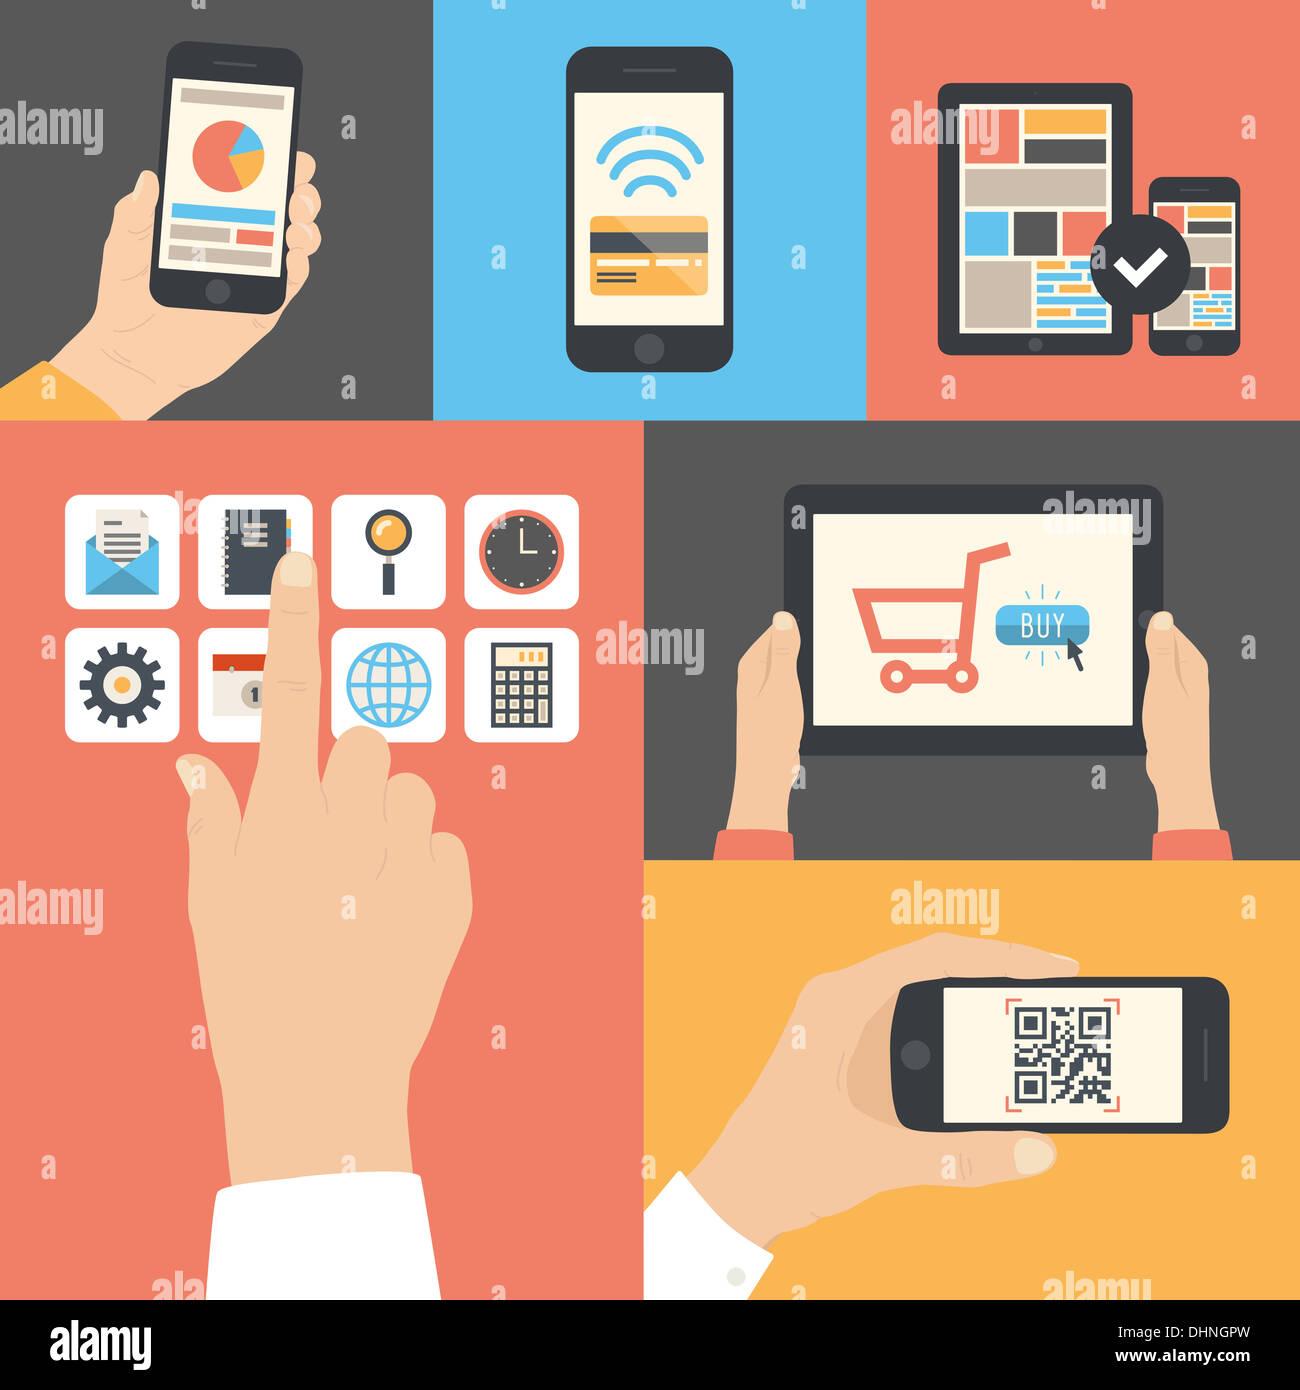 Télévision illustration ensemble de l'interface à écran tactile, un téléphone mobile de la numérisation d'un QR code, achat en ligne et l'utilisation d'e-commerce Photo Stock